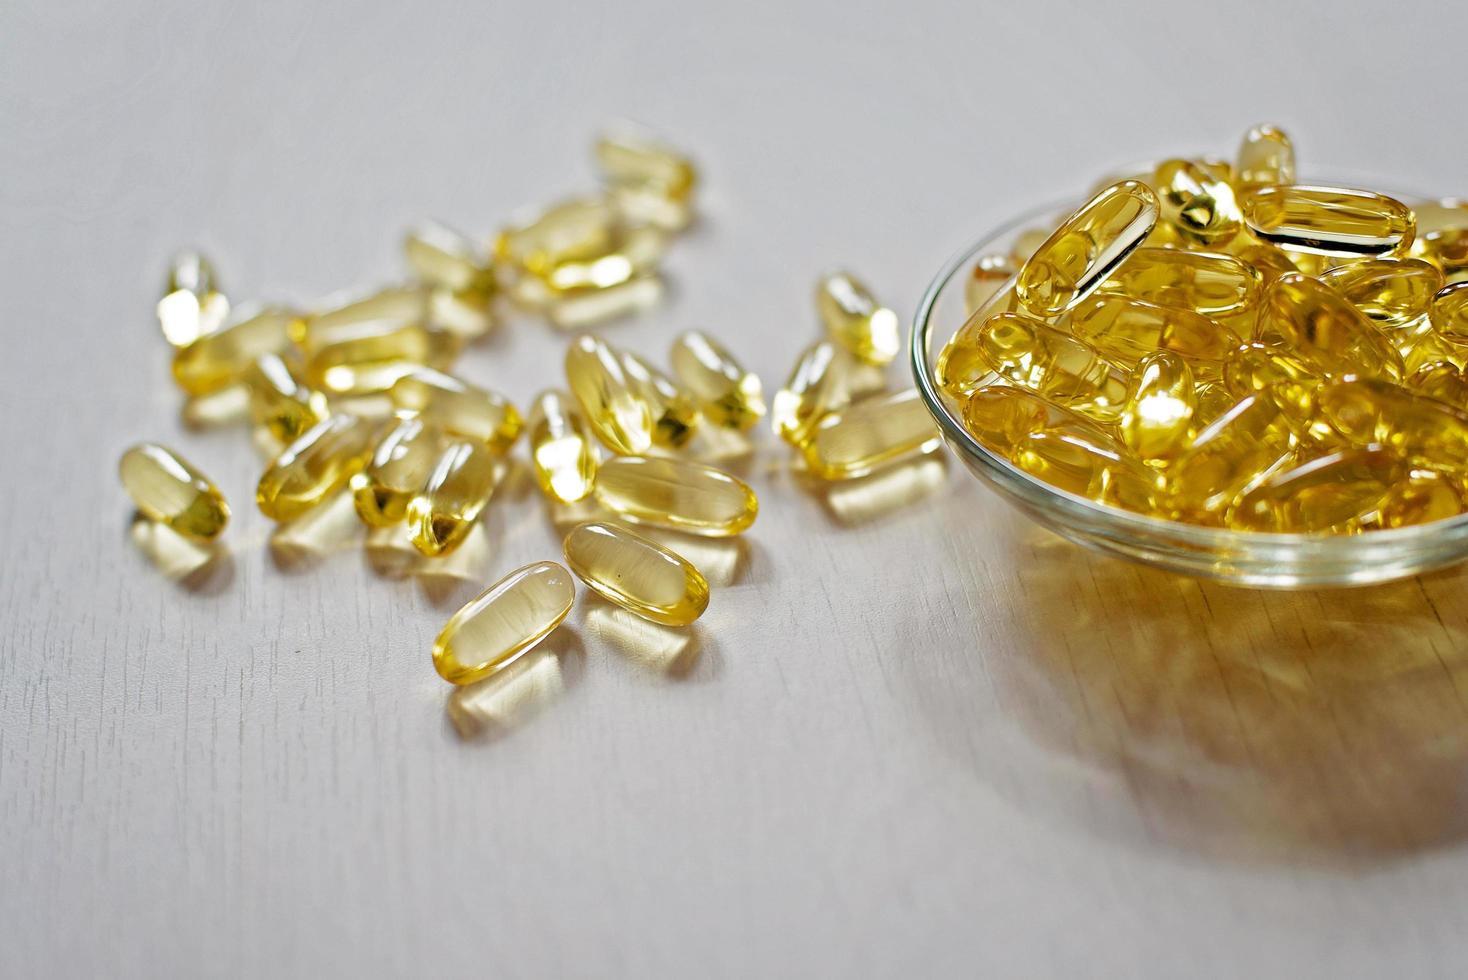 pastilla de aceite de pescado foto